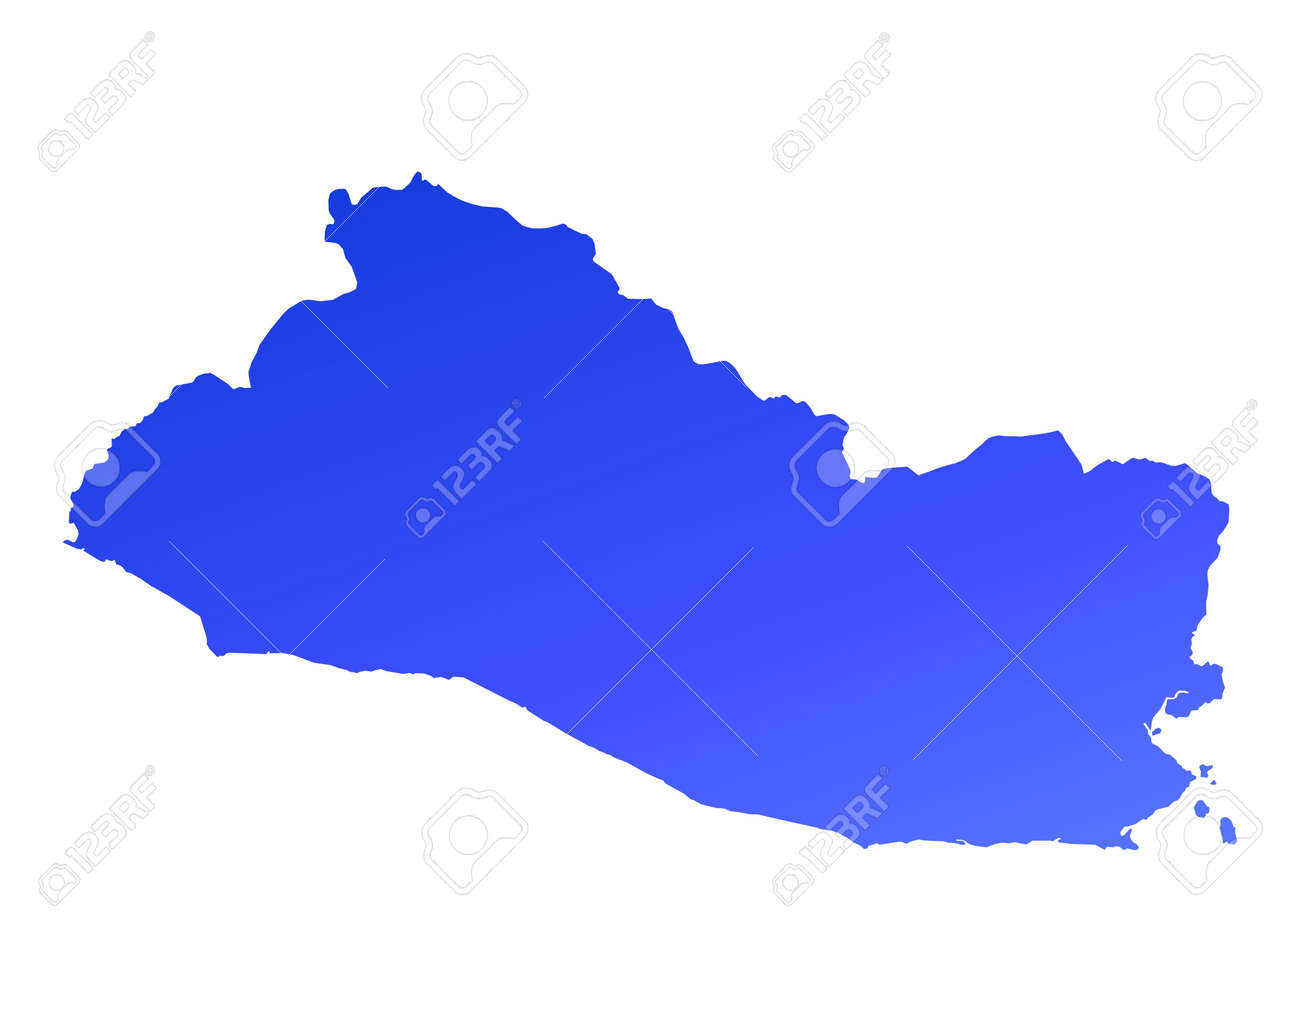 el gouna egypt map, de france map, de monaco map, el pueblo de los angeles map, tuxtla gutierrez mexico map, de florida map, el paraiso honduras map, el monte ca street map, el nido palawan philippines map, de israel map, on map de el salvador